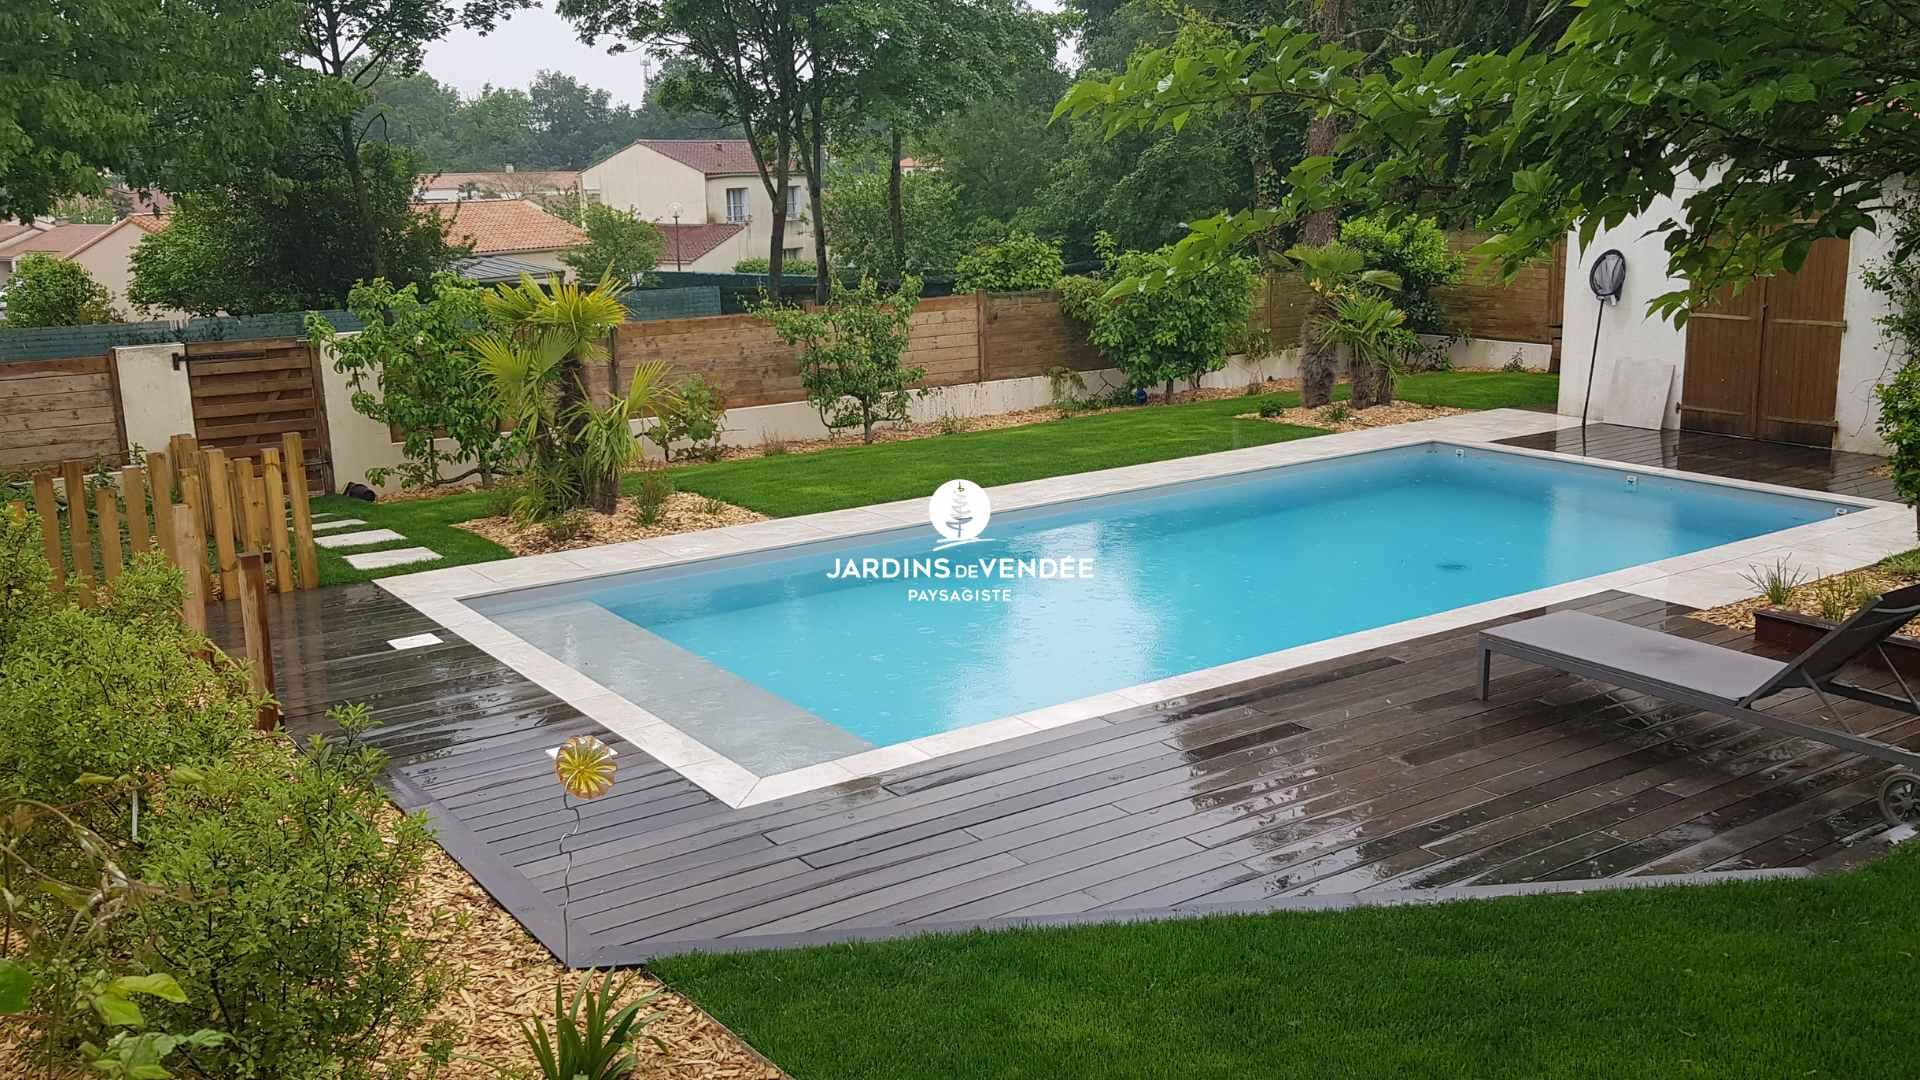 jardinsdevendee-nosrealisations-piscine17-compressed